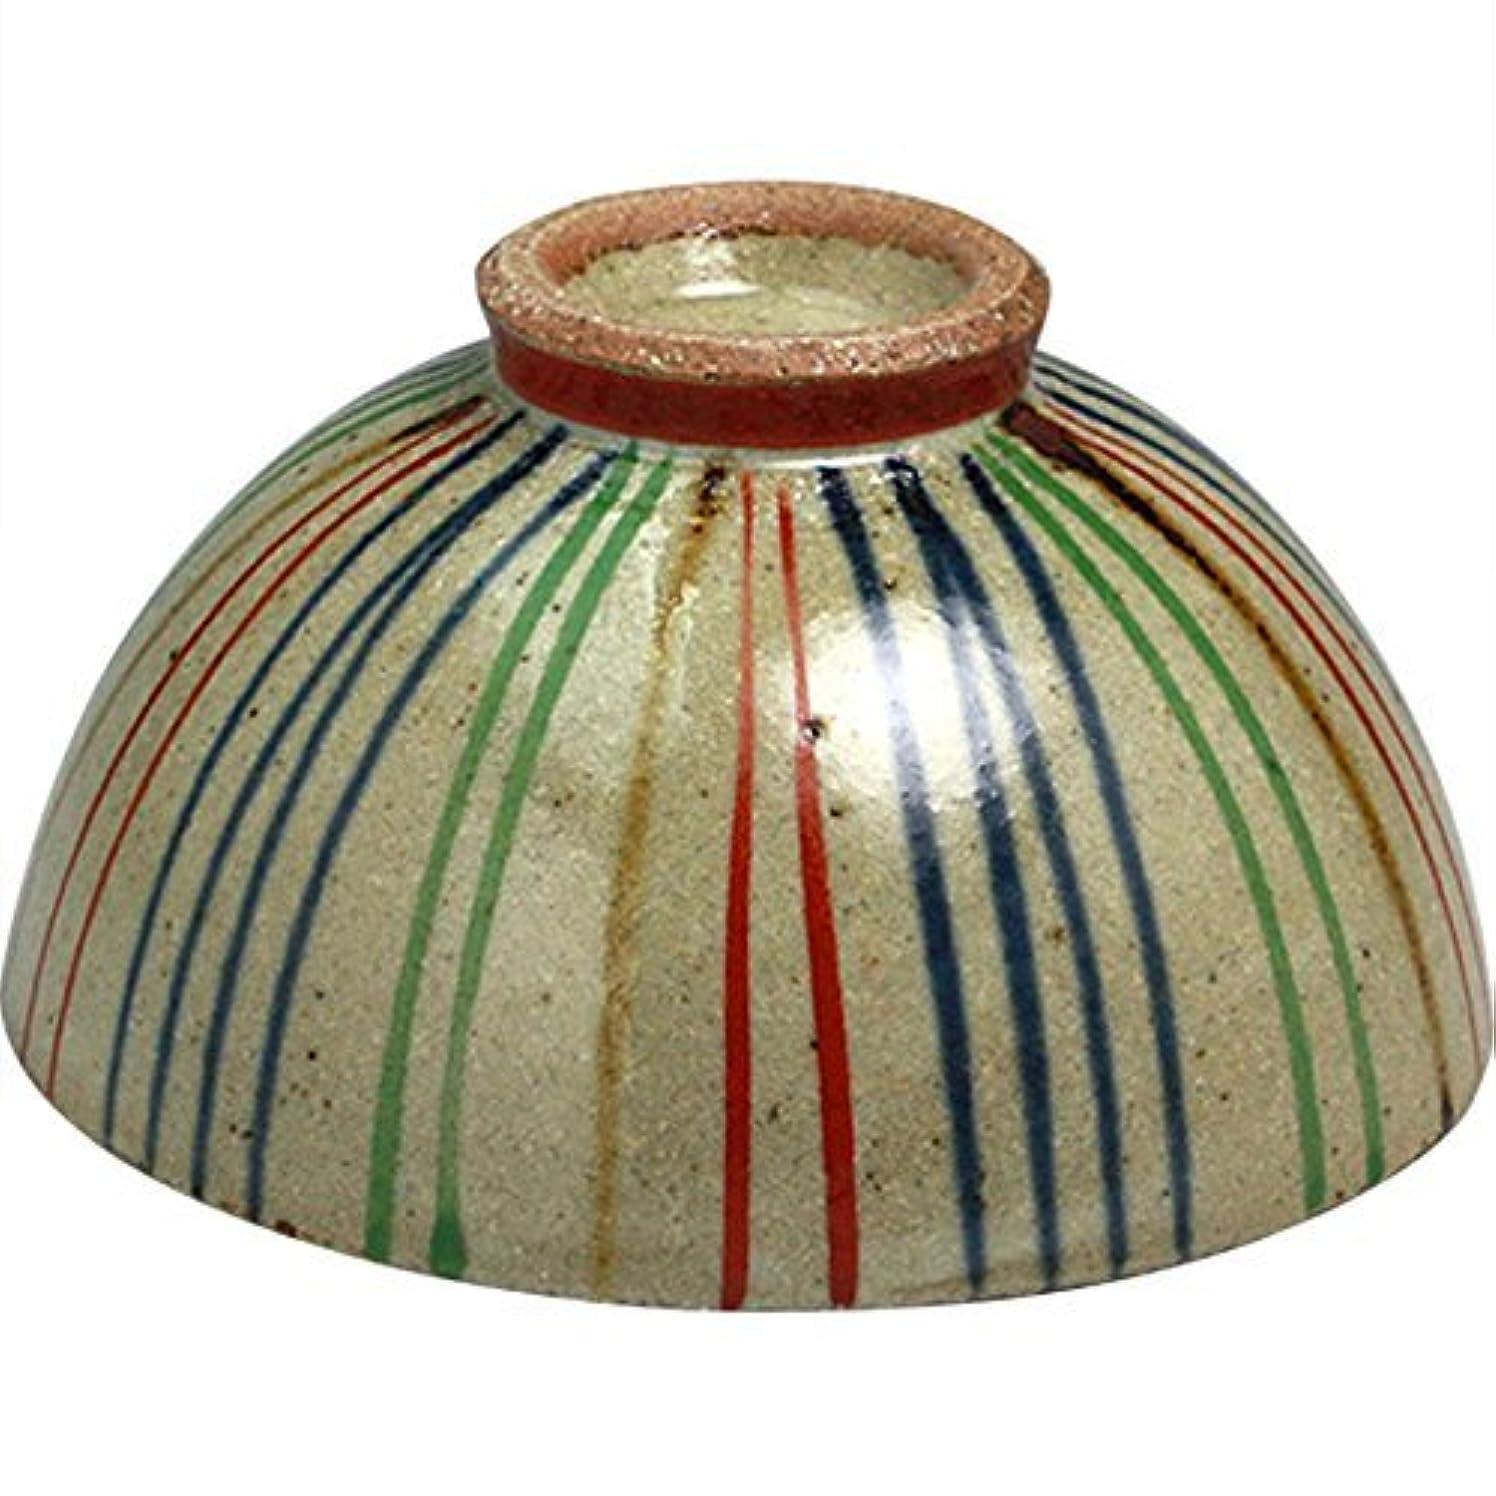 ノーブル伝導悔い改める飯碗 おしゃれ : 有田焼 錦十草 ミニ茶漬 Japanese Rice bowl Pottery/Size(cm) Φ9.8x5.2/No:704386